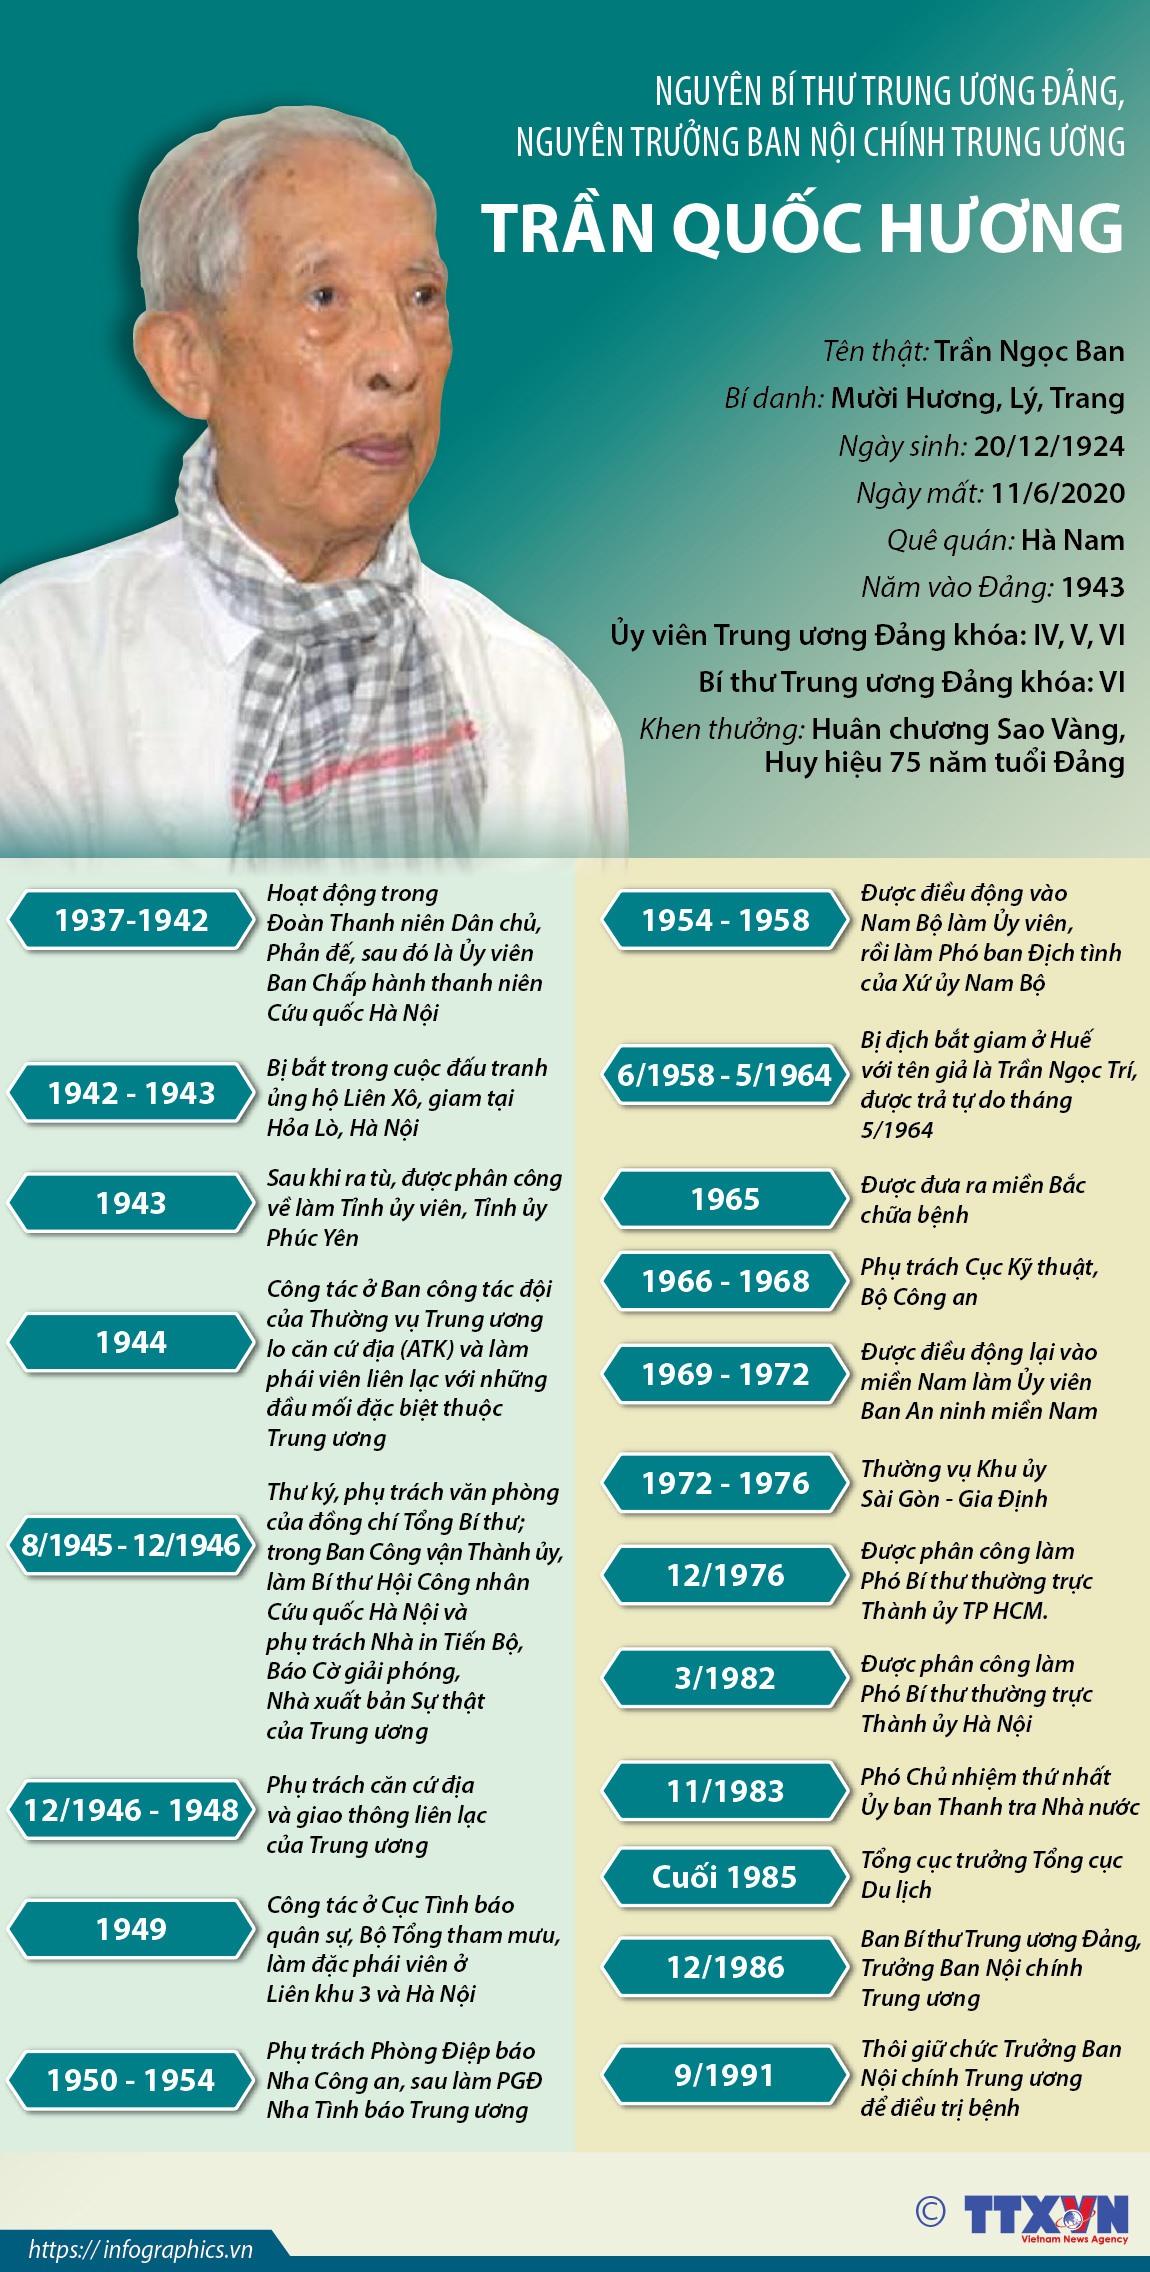 Quá trình công tác của ông Trần Quốc Hương. Infographic: TTXVN